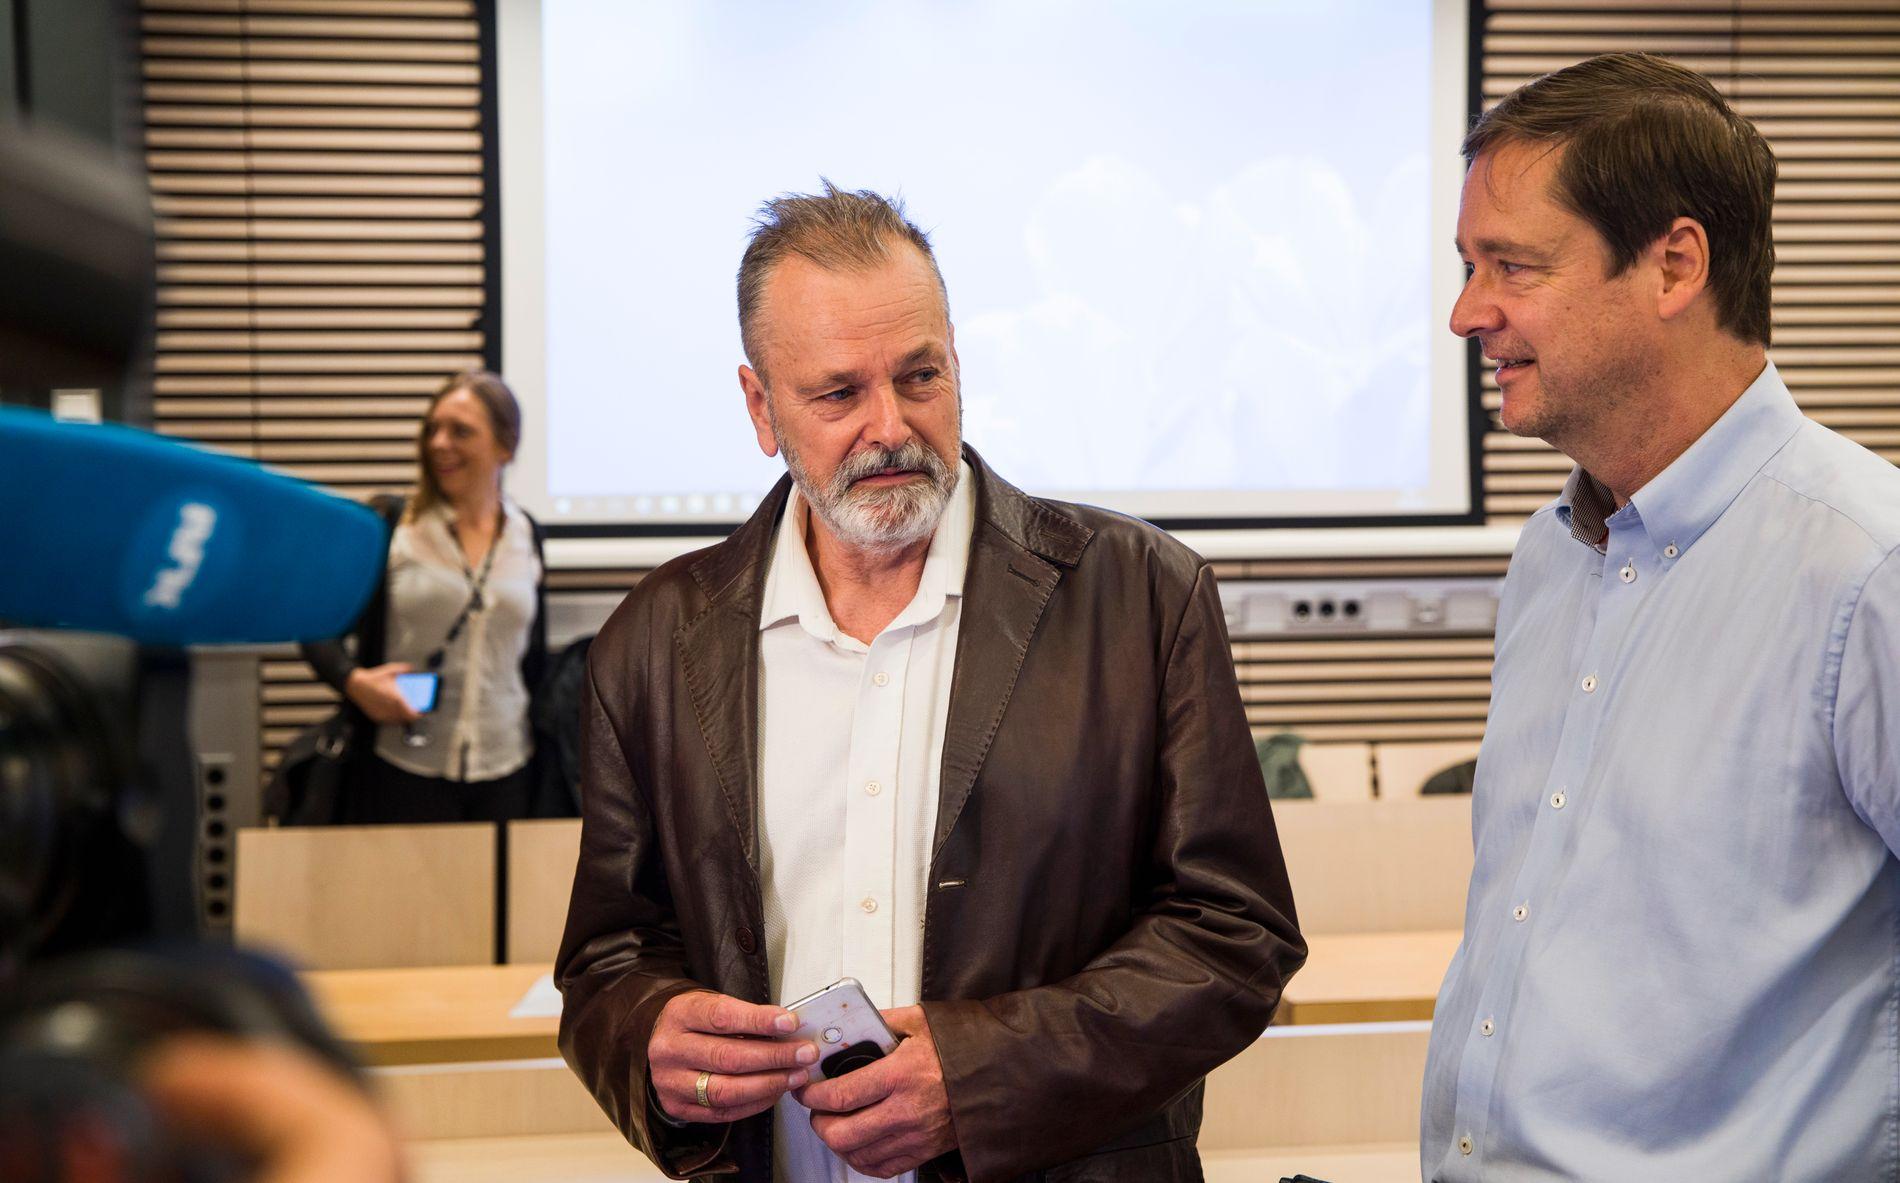 NEKTER FOR KRIMINELT SAMARBEID: Eirik Jensen nekter for et hasjsamarbeid med Gjermund Cappelen. Her står han sammen med forsvarer John Christian Elden, som de siste dagene har griller Cappelen i retten.